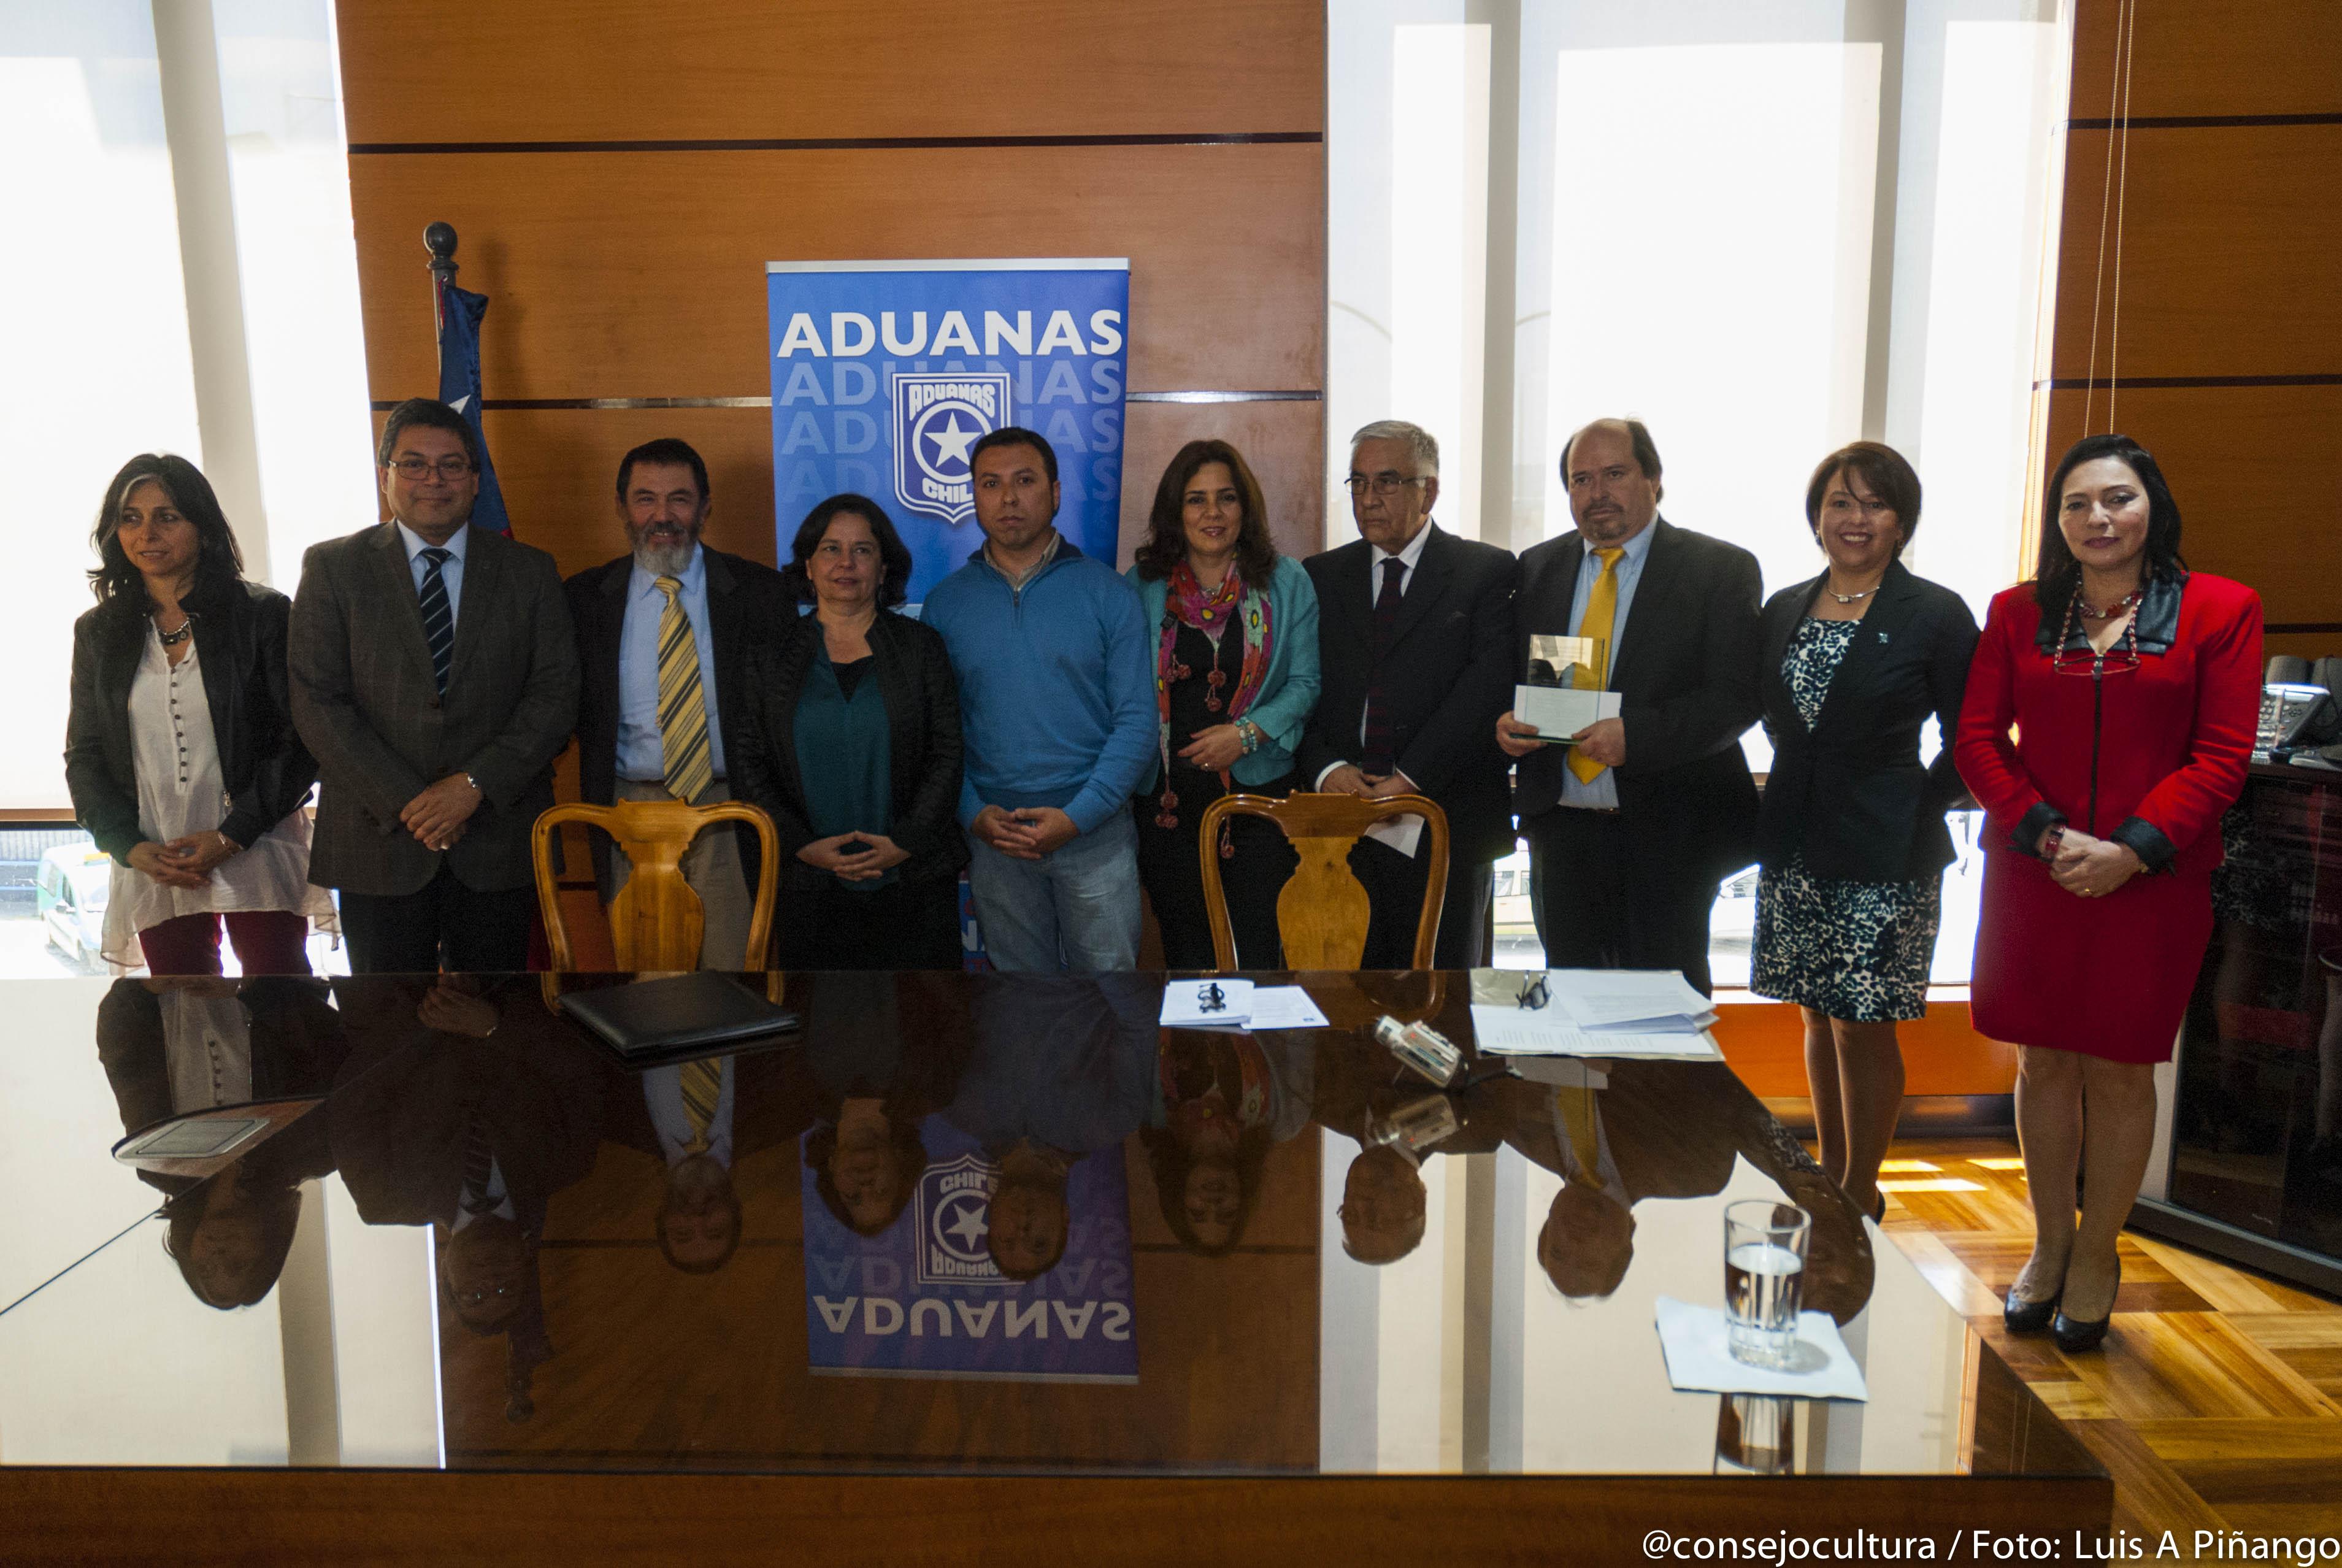 Ministra Barattini y funcionarios de Aduanas celebran a Nicanor Parra con concurso literario